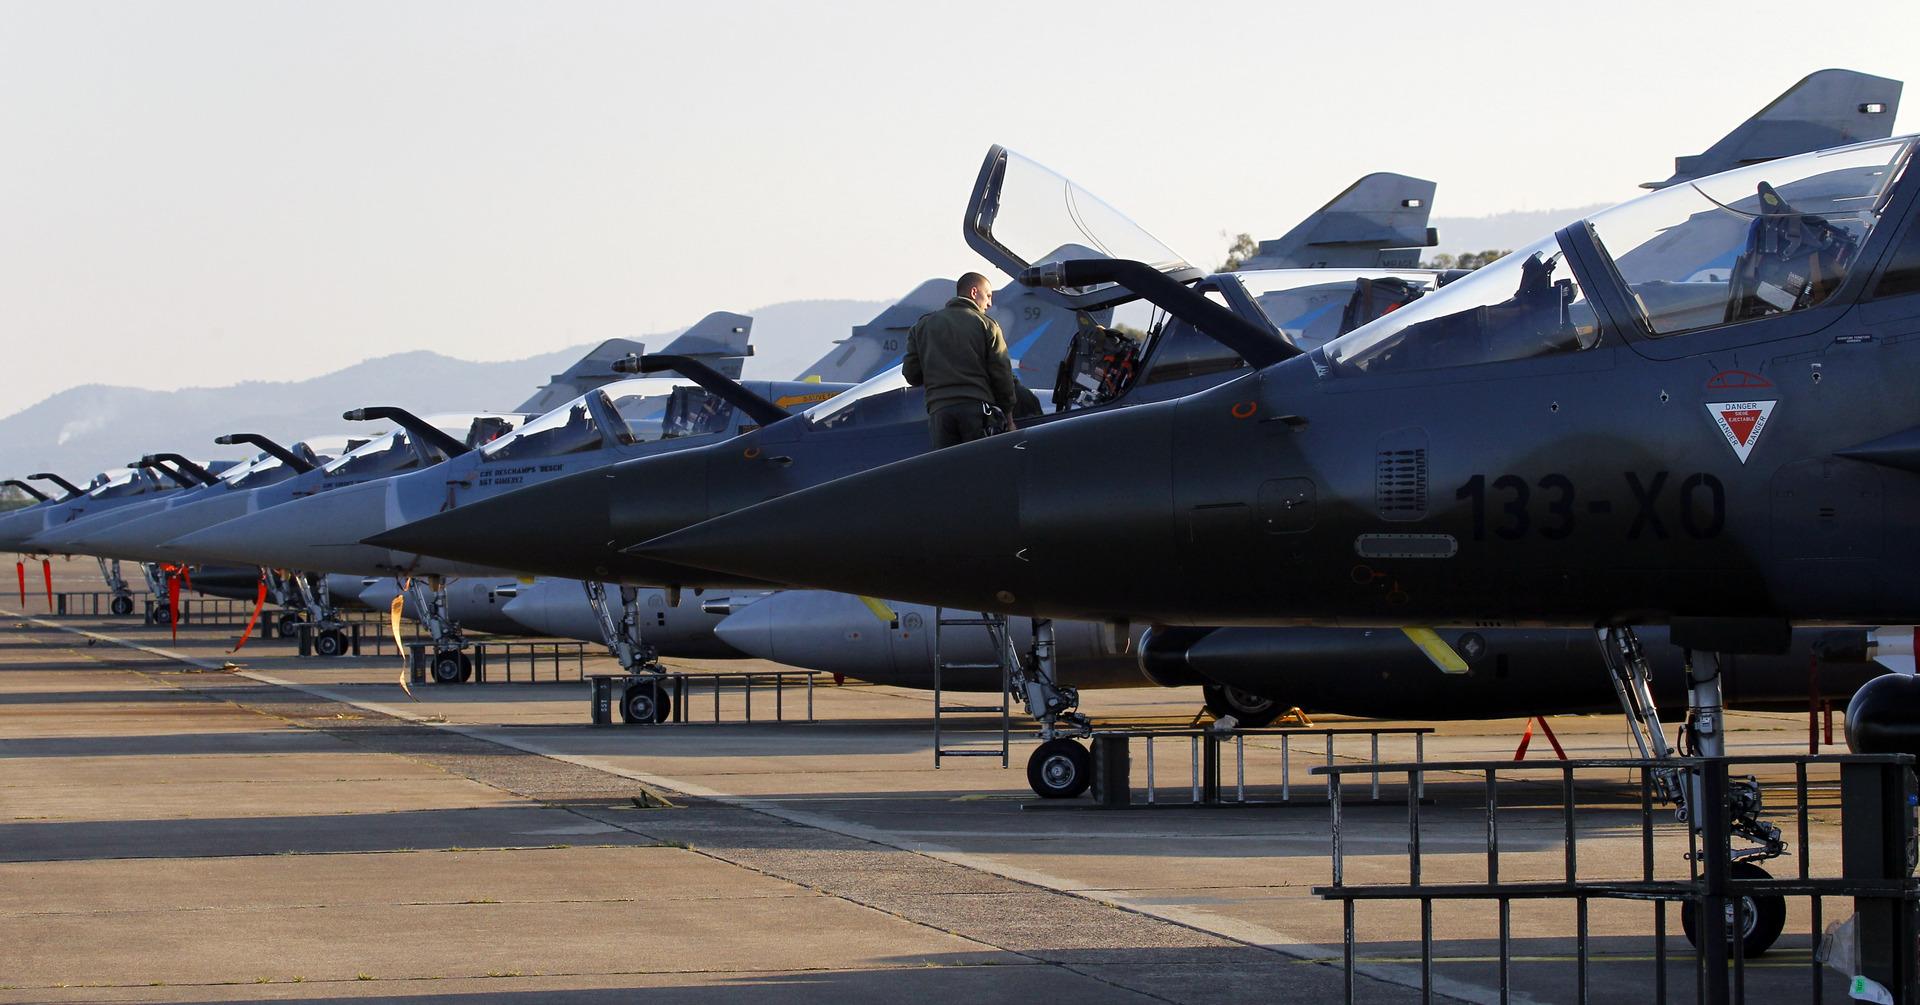 نشطاء حقوقيون يقاضون الجمارك الفرنسية بسبب صادرات عسكرية للسعودية والإمارات